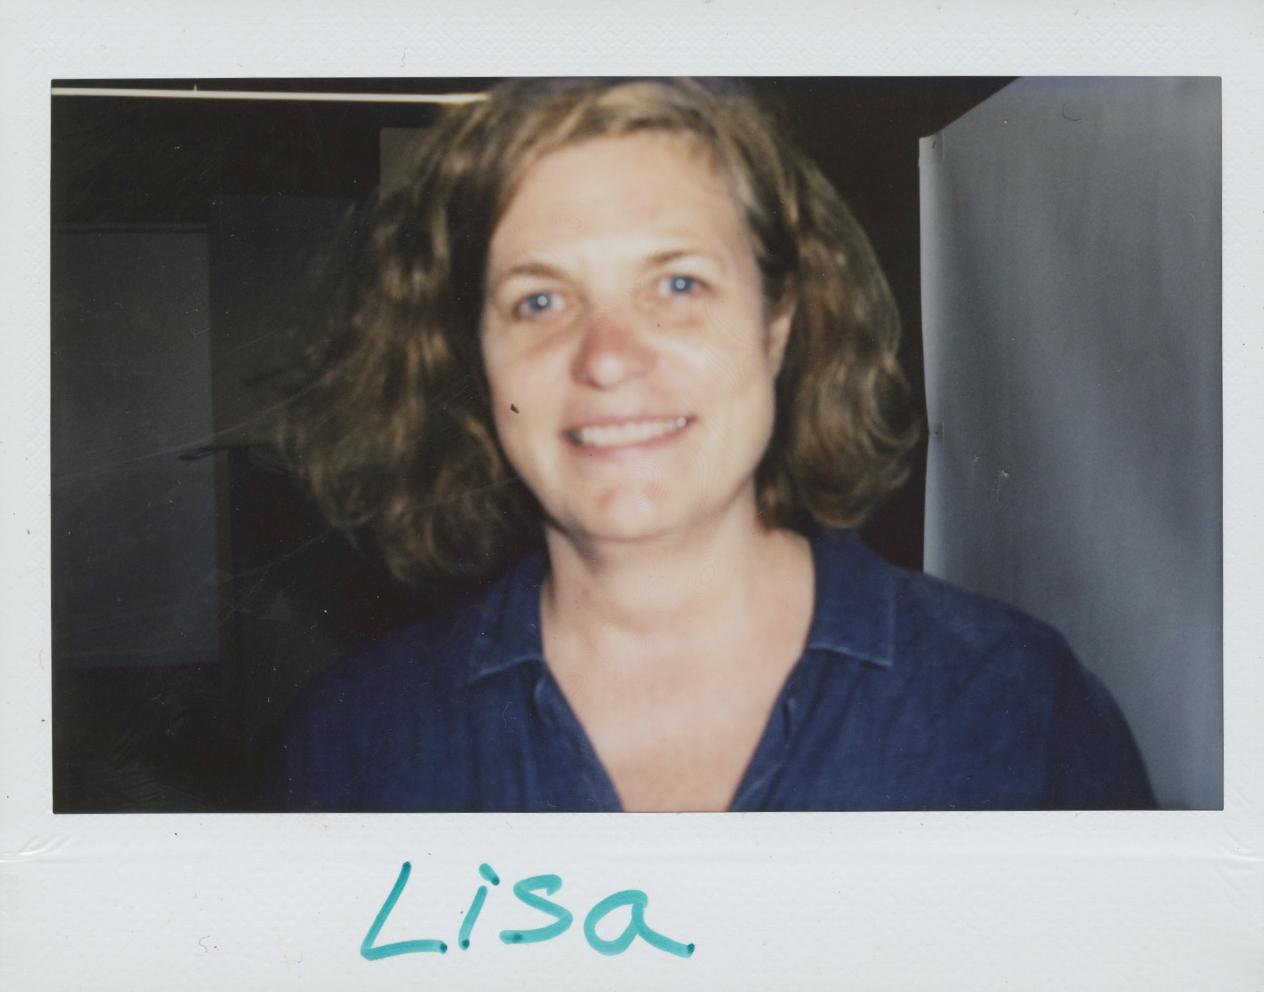 LISA_PWE-RS.jpg